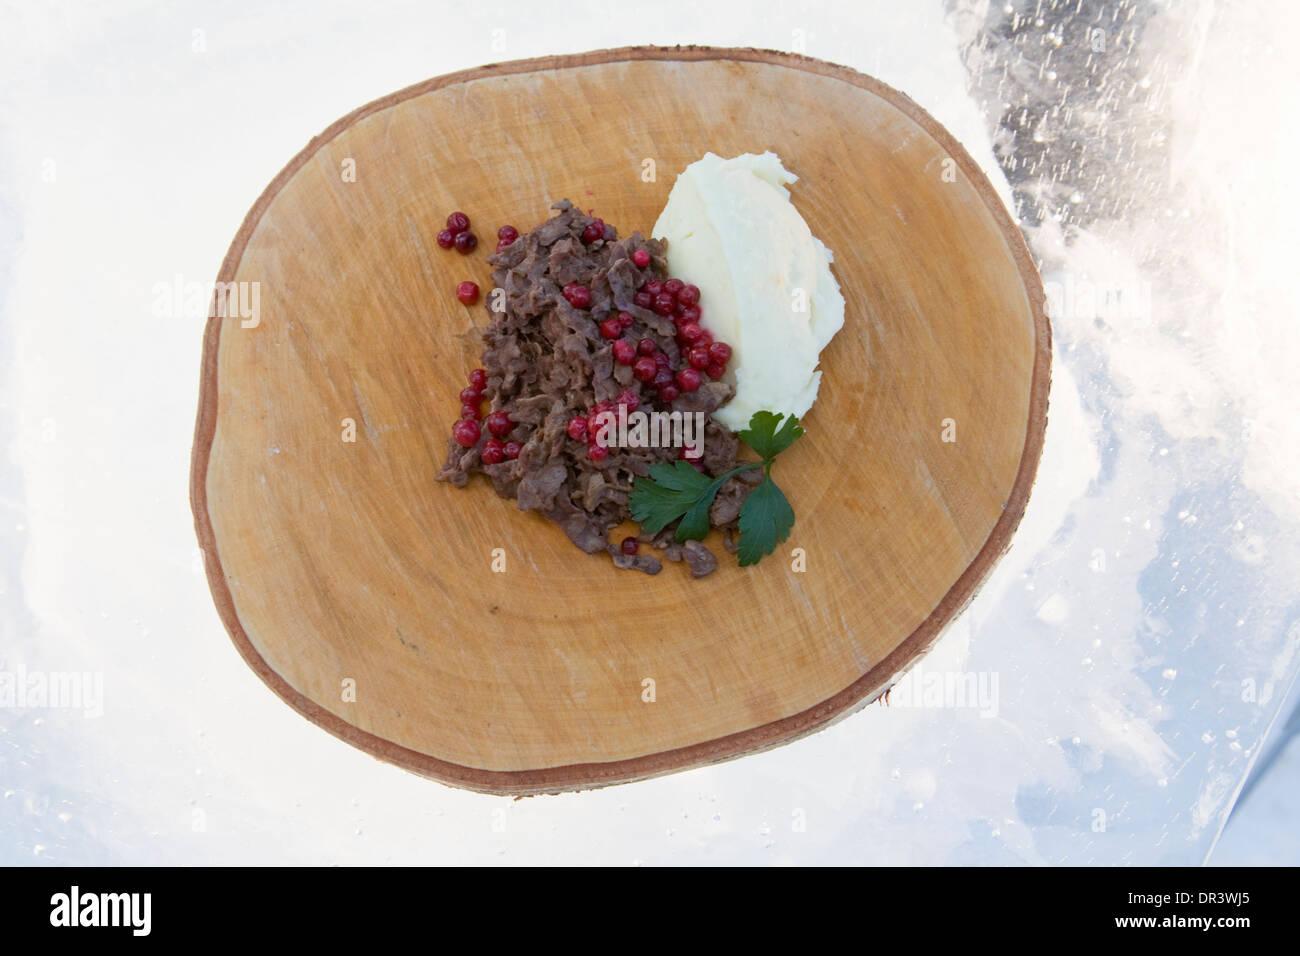 Tradizionale corso prima di affumicato Lingonberries carne di renna e panna acida Jokkmokk fair Laponia Svezia inverno Immagini Stock